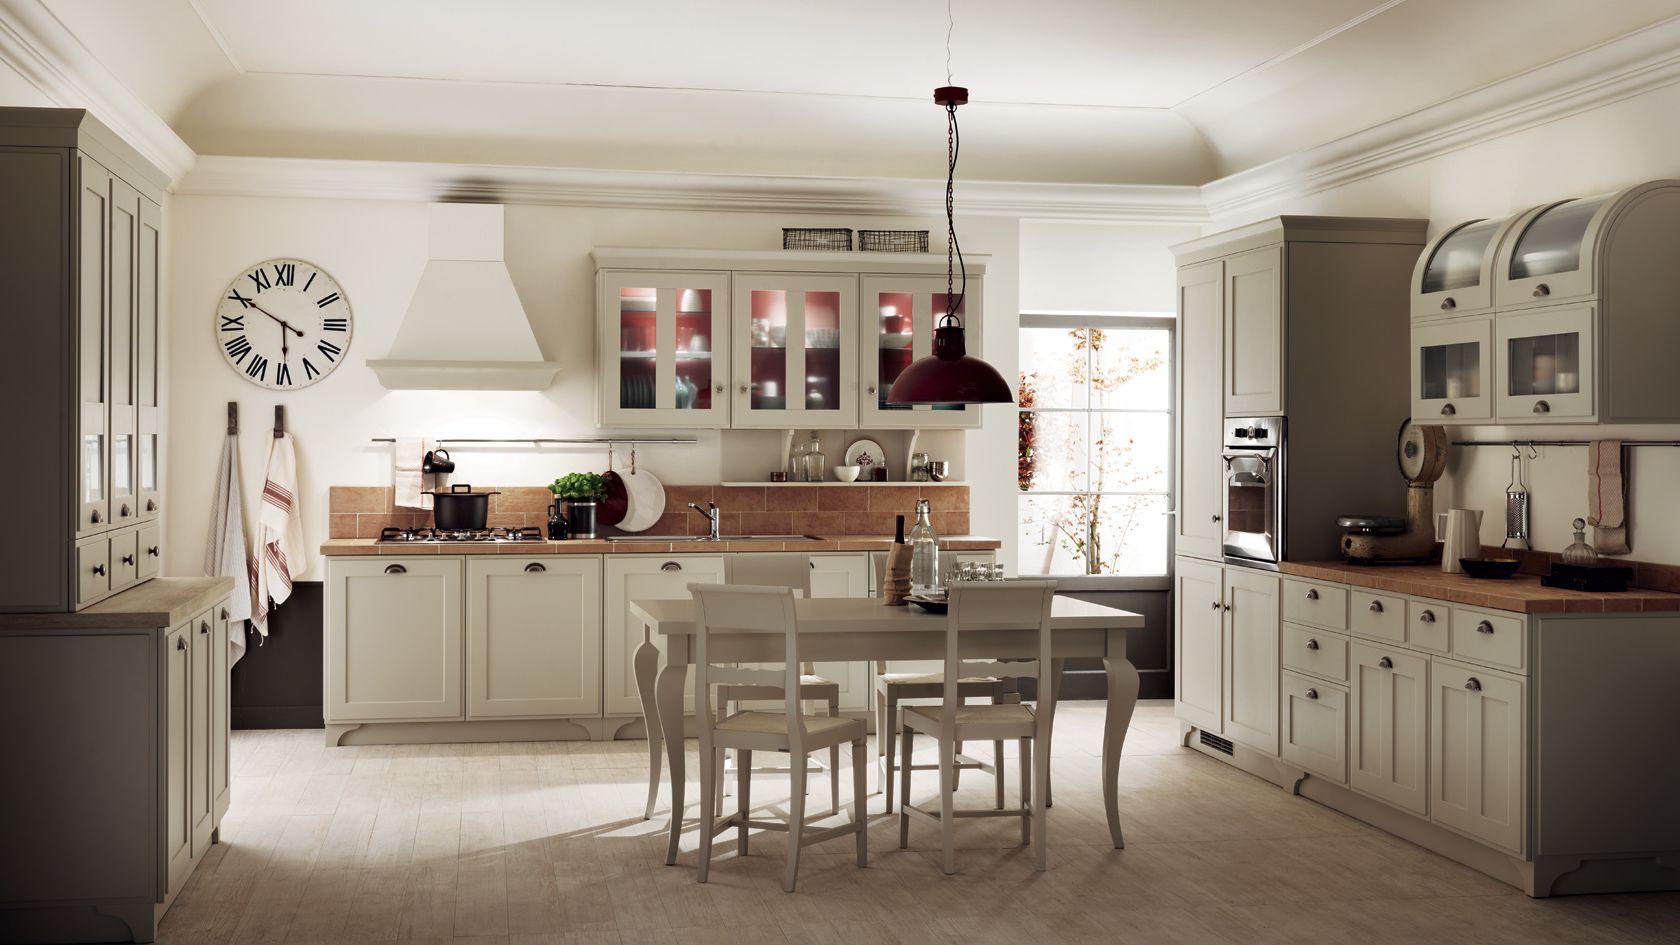 Shabby chic in cucina con Favilla la nuova cucina Scavolini! Appeal ...